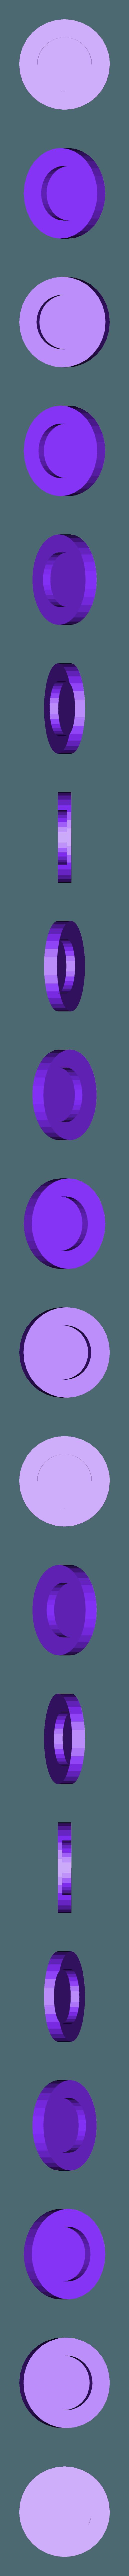 Axel Cap.stl Télécharger fichier STL La grande roue • Plan pour imprimante 3D, Janis_Bruchwalski